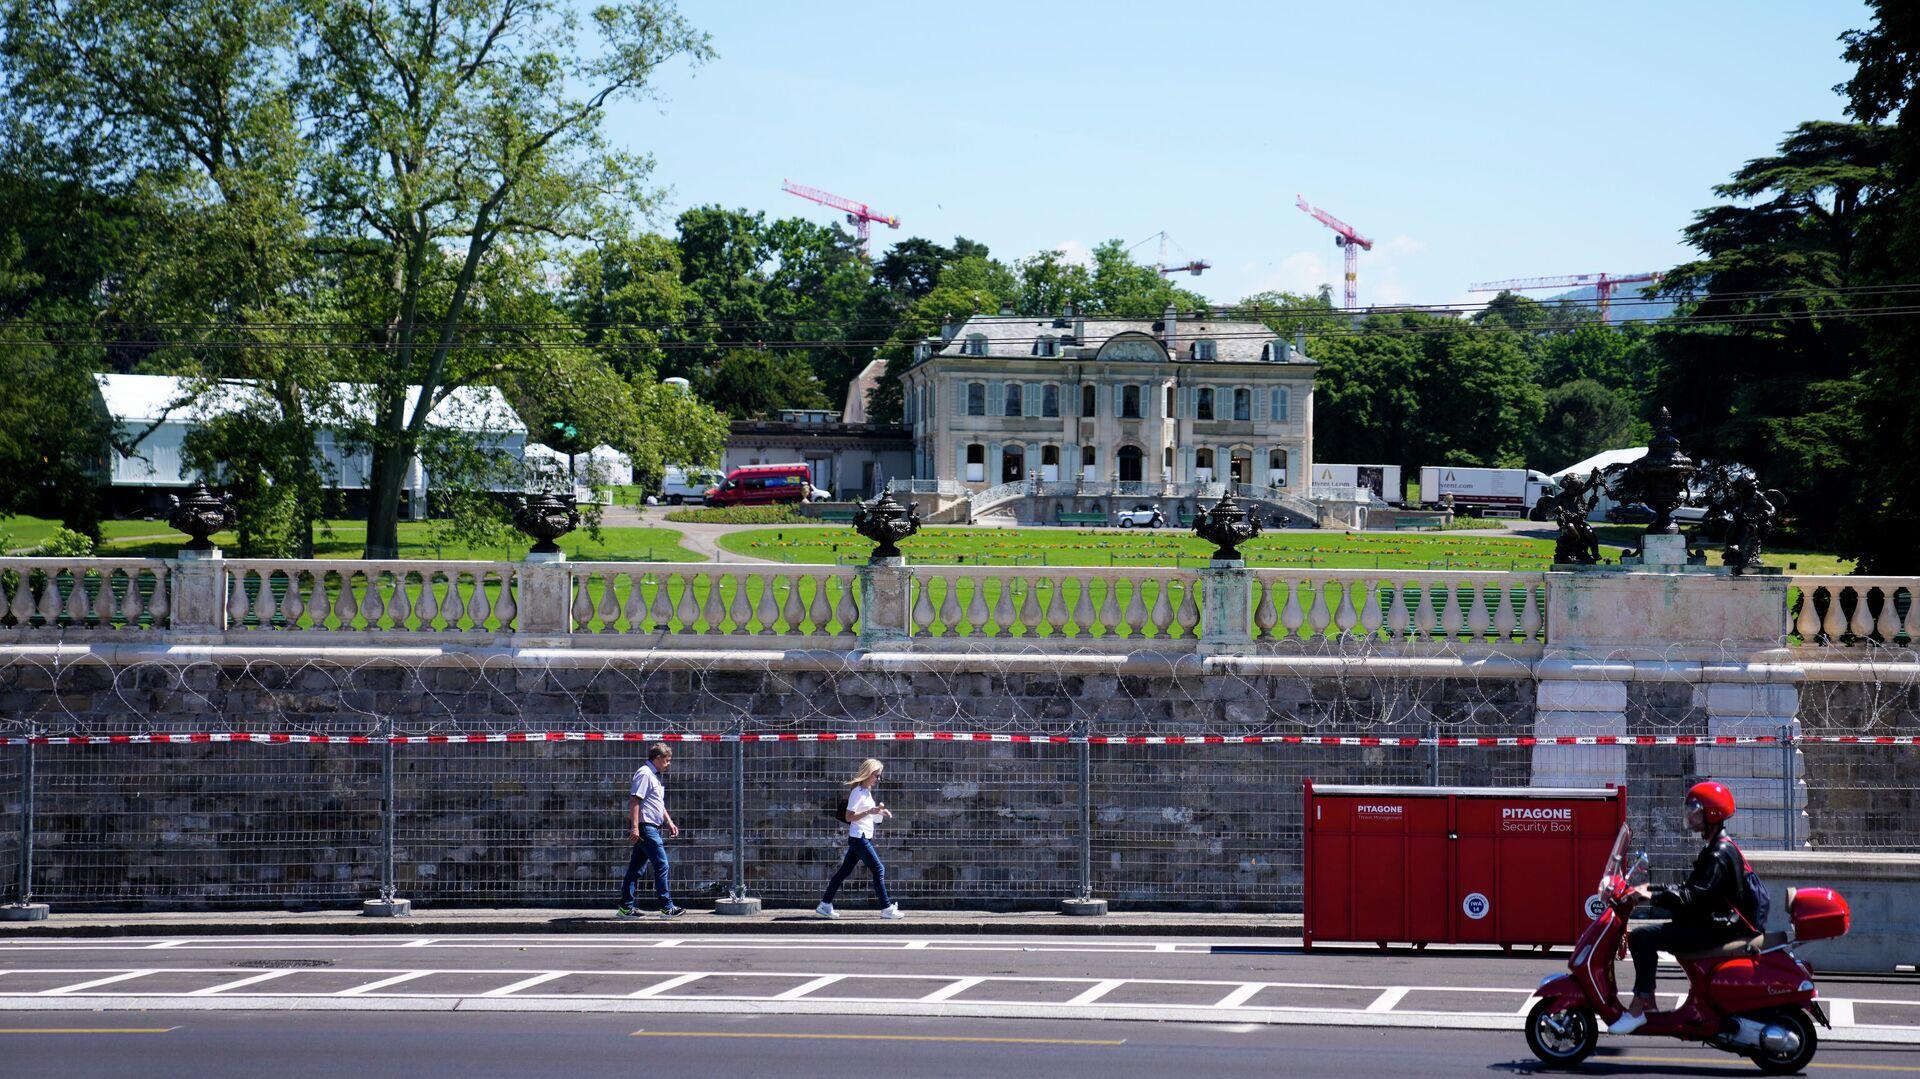 Вилла La Grange в Женеве, где состоится встреча президента России Владимира Путина и президента США Джо Байдена - РИА Новости, 1920, 15.06.2021